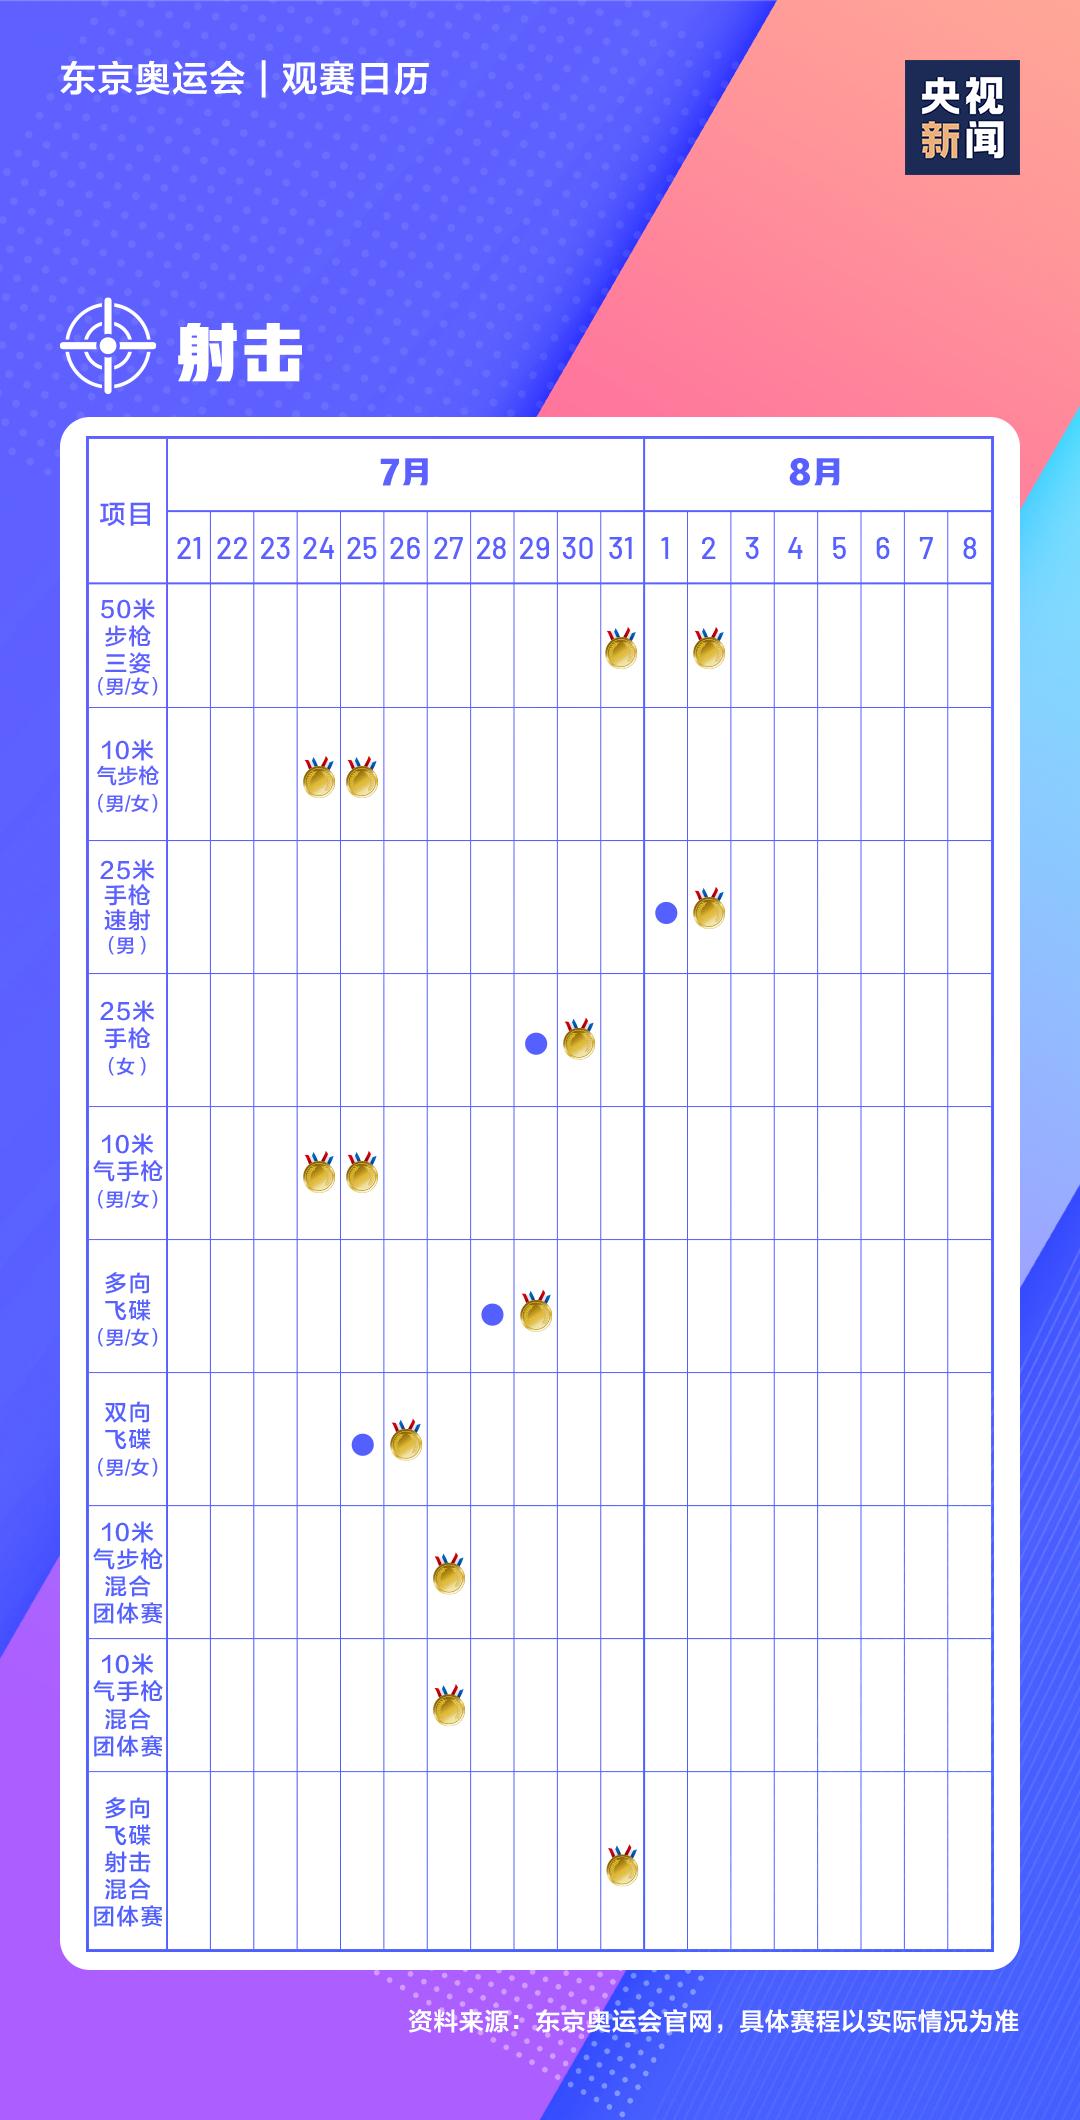 一图在手,奥运赛事全知晓!极简版东京奥运会观赛日历